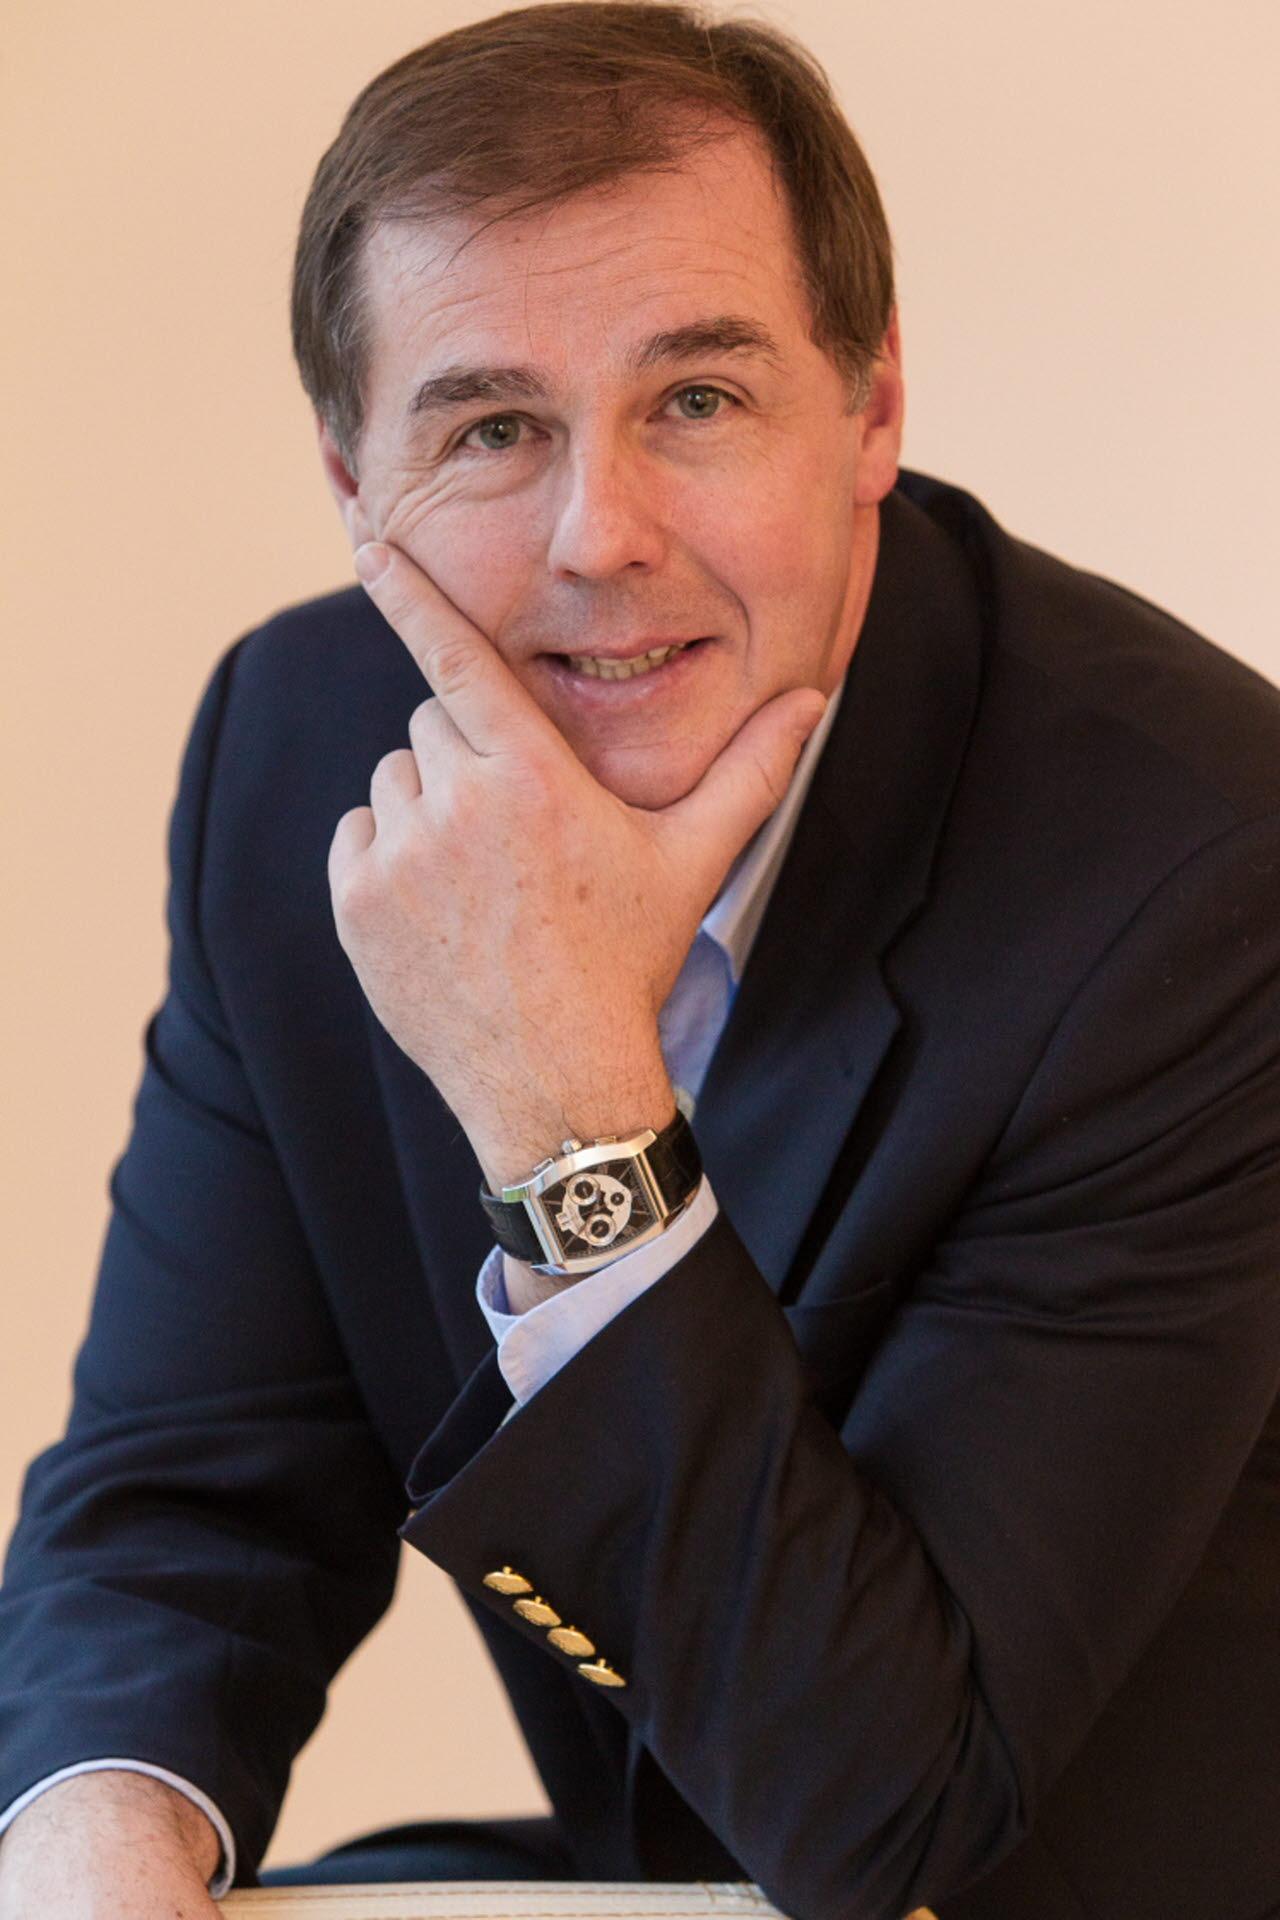 Prof. Dr. Matthias Weppler MRICS